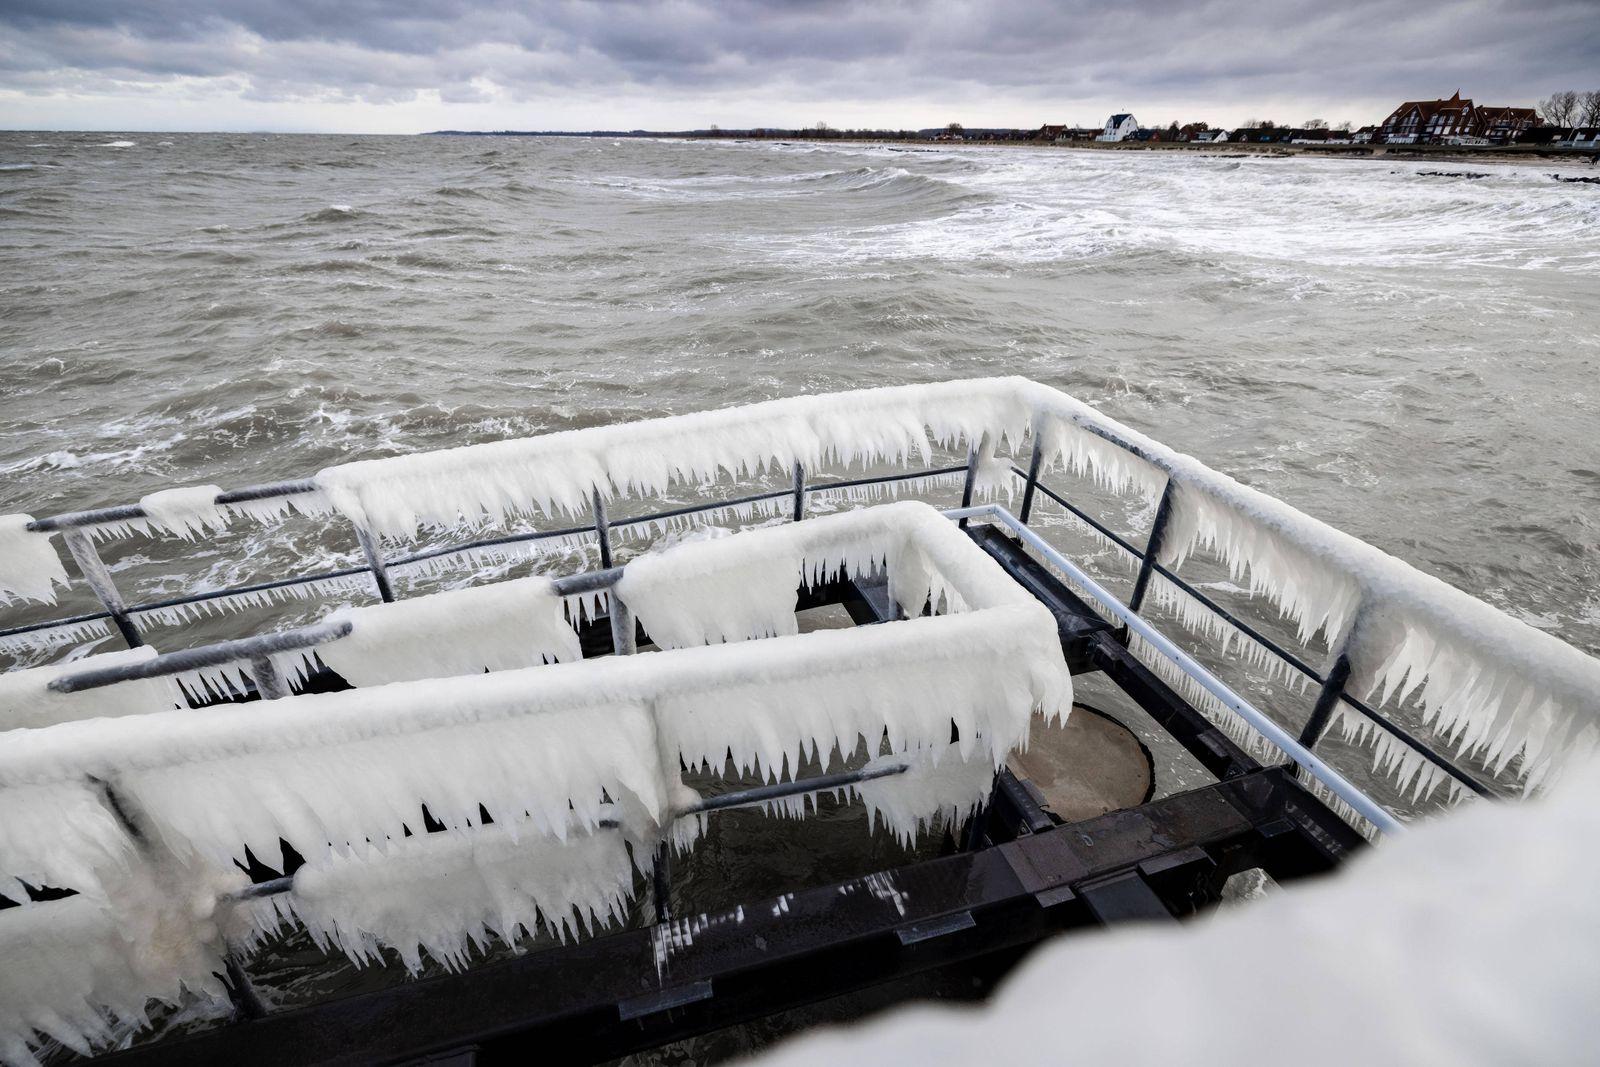 Schönberg, 9. Februar 2021 - Vereiste Seebrücke am Schönberger Strand *** Schönberg, 9 February 2021 Iced pier at Schön